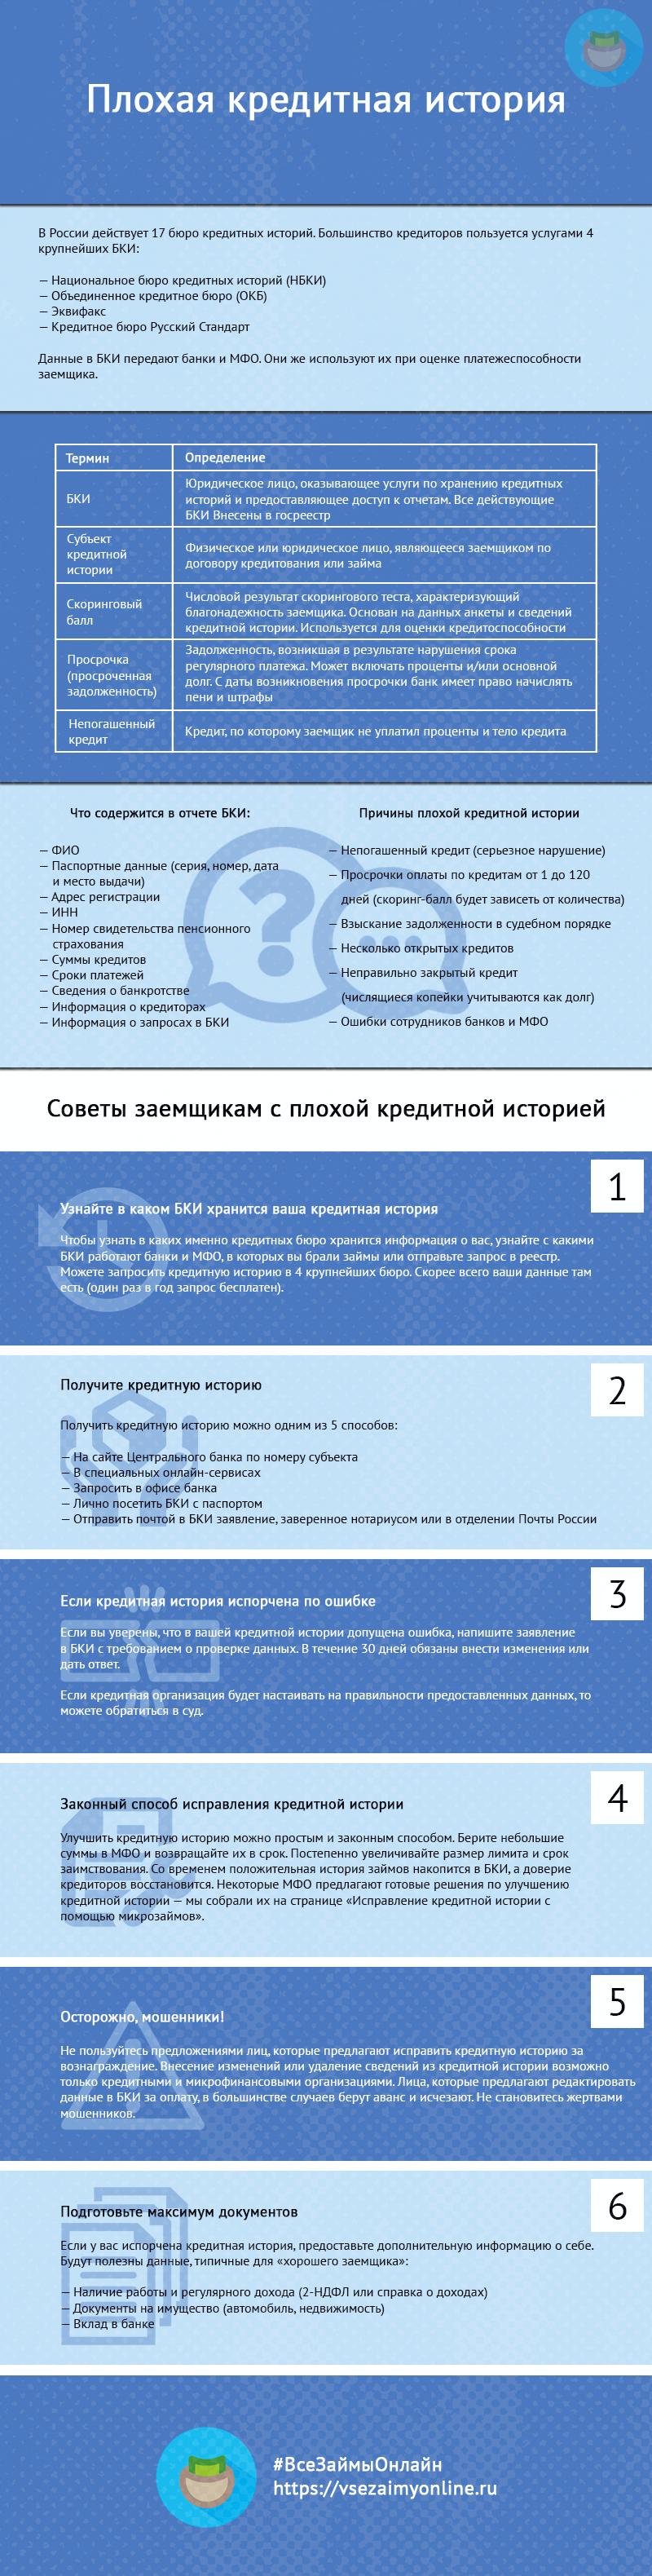 кредитная задолженность организации банк ренессанс кредит новочеркасская